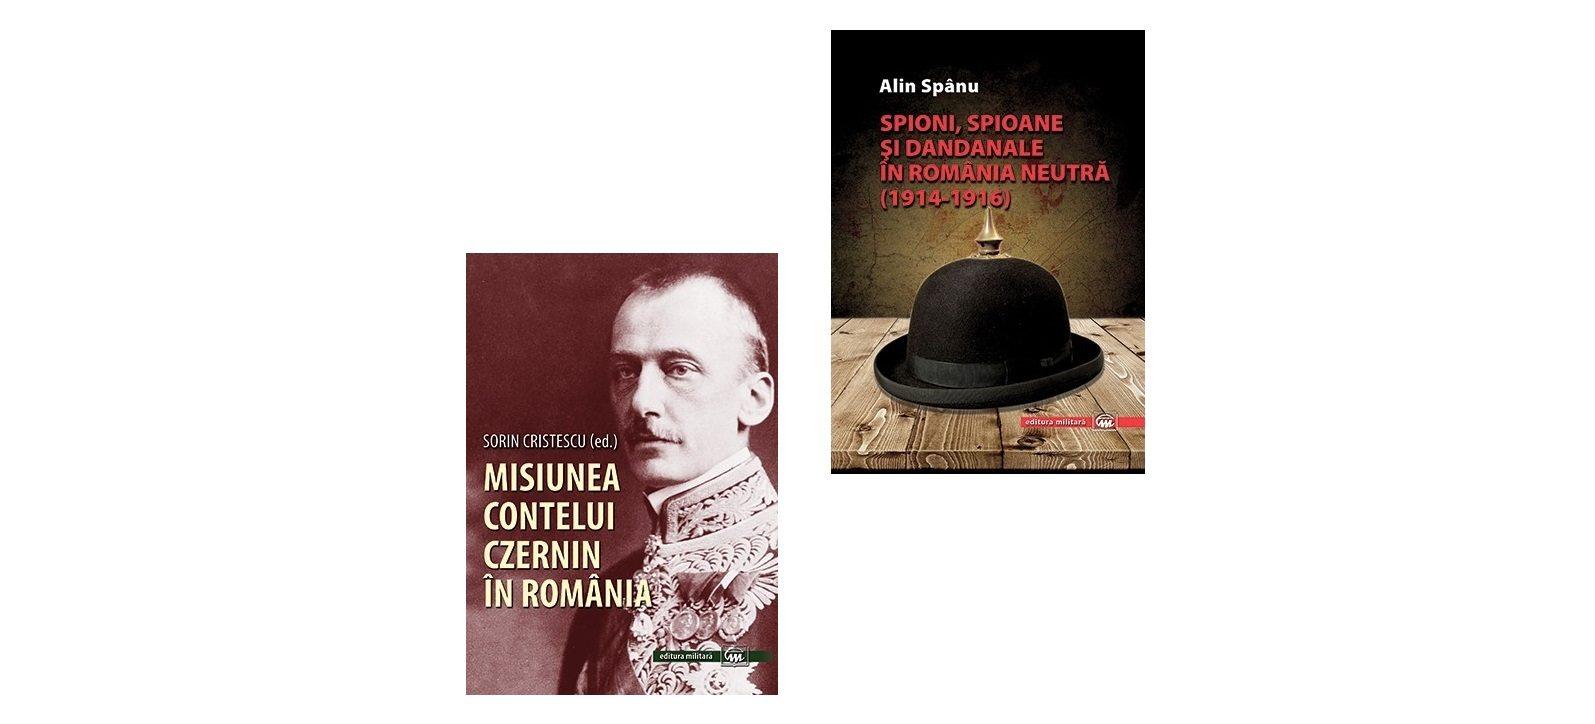 """Lansarea volumelor """"Spioni, spioane și dandanale în România neutră: (1914-1916)"""" și Misiunea contelui Czernin în România: 10 octombrie 1914 -27 august 1916"""""""